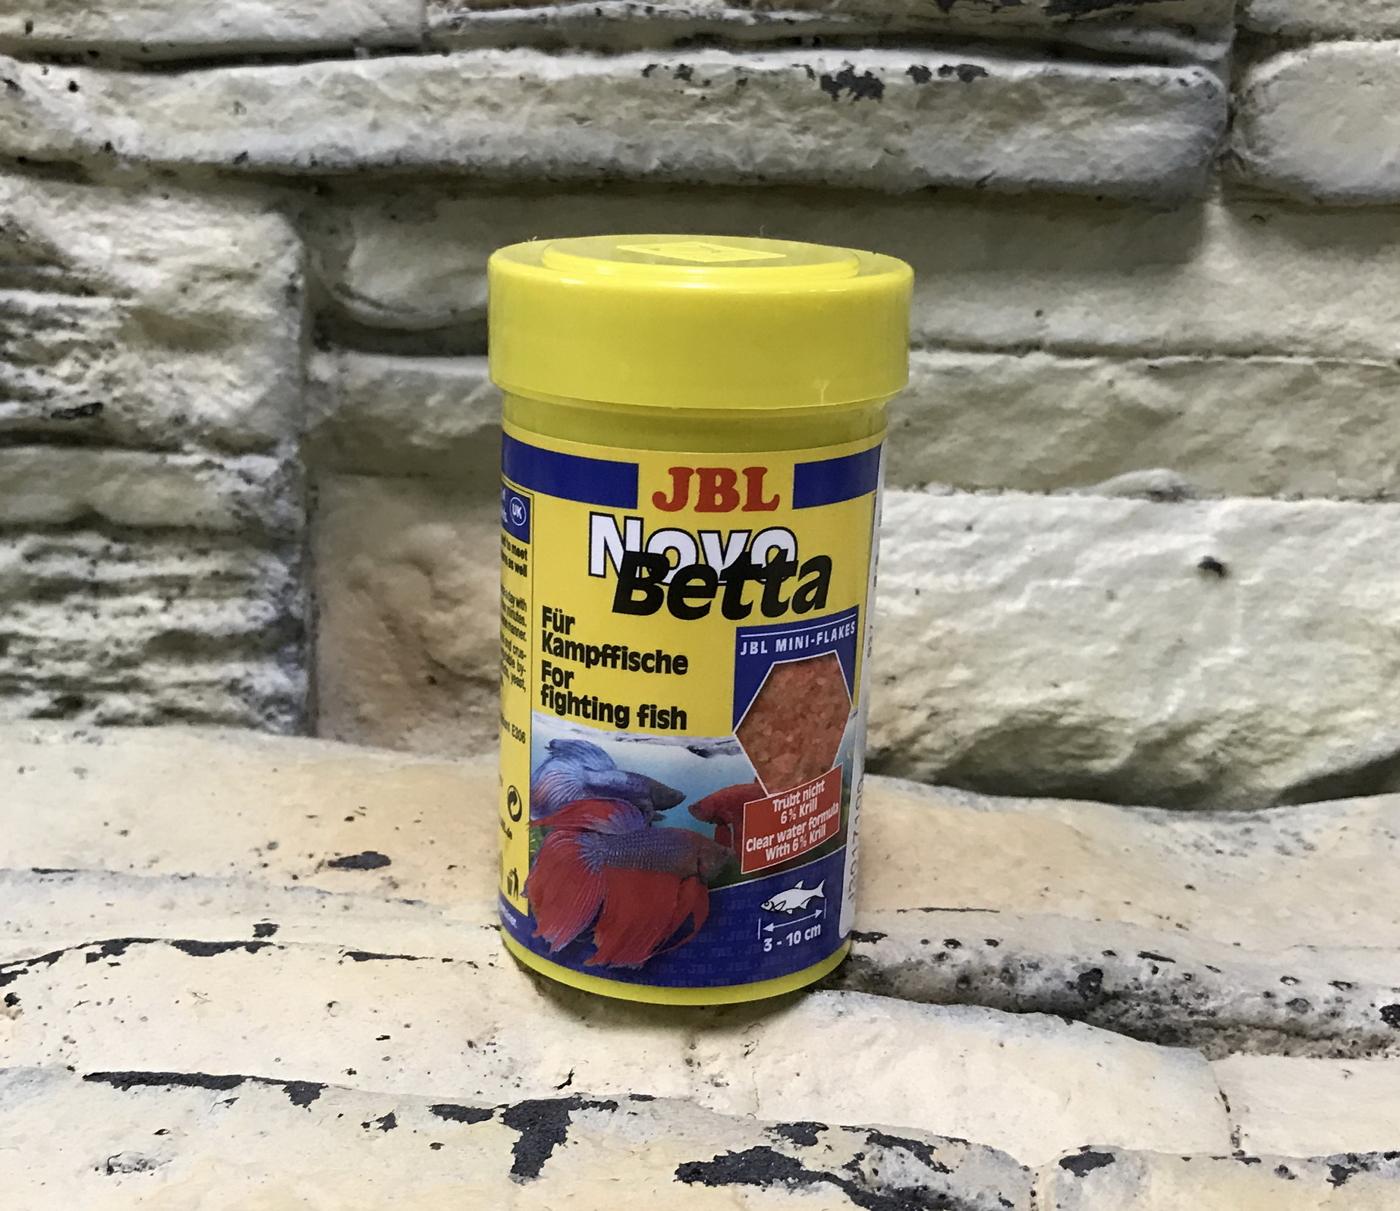 【西高地水族坊】德國JBL 鬥魚專用飼料(NOVO Betta)100ml